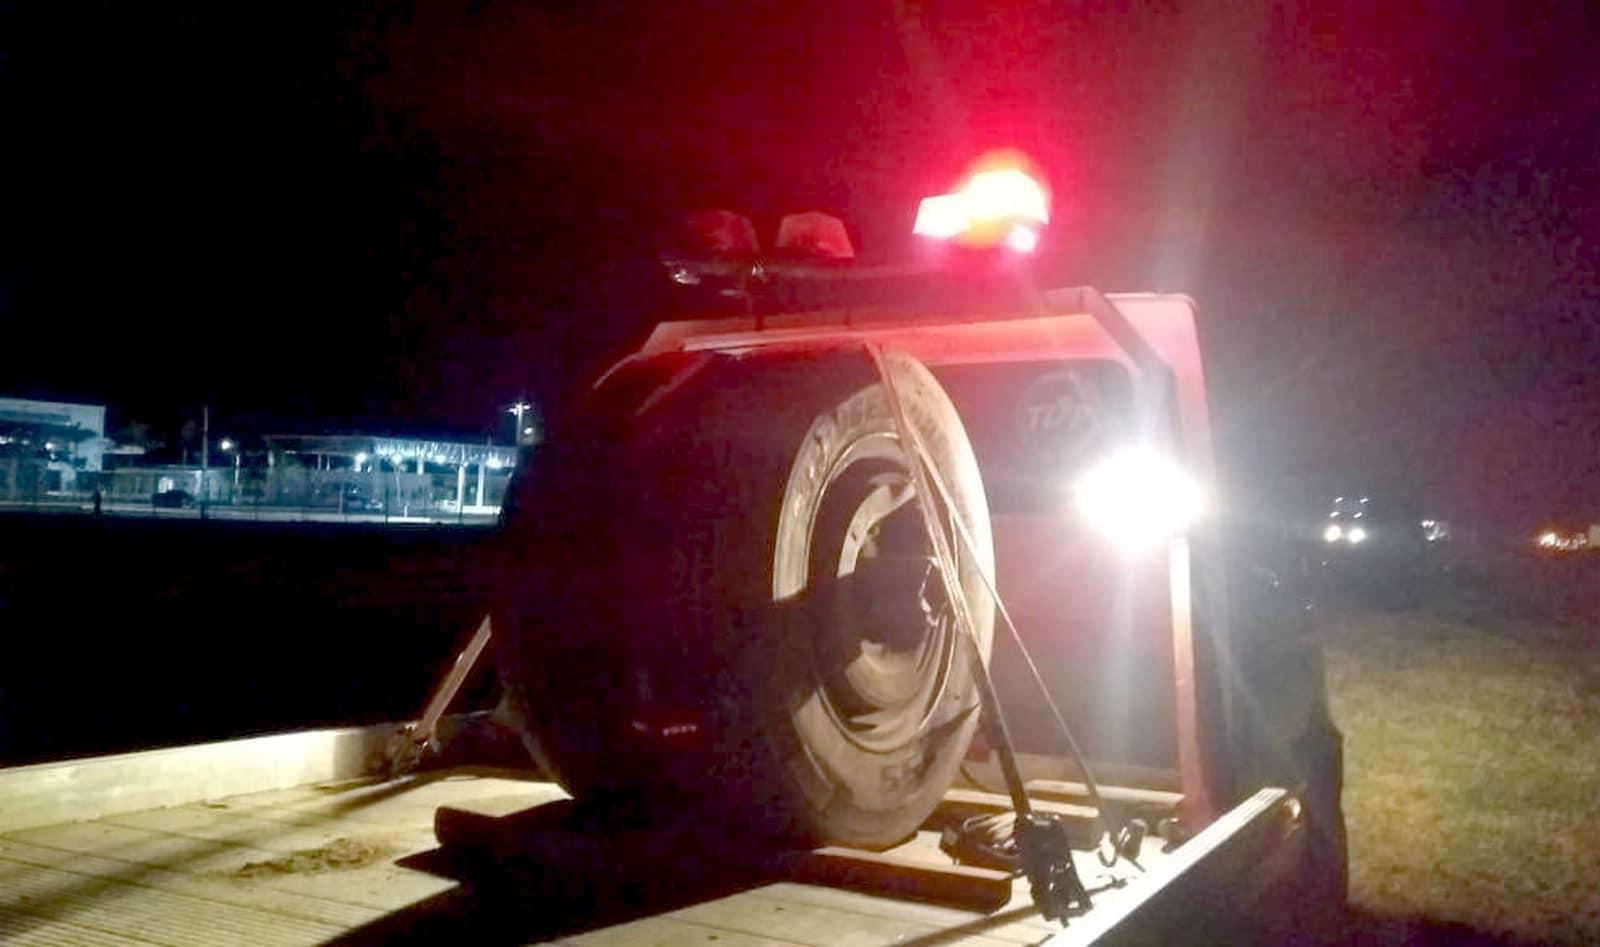 Rodas do caminhão, que seguiu viagem, foram apreendidas pela Polícia Civil — Foto: TV TEM/Reprodução